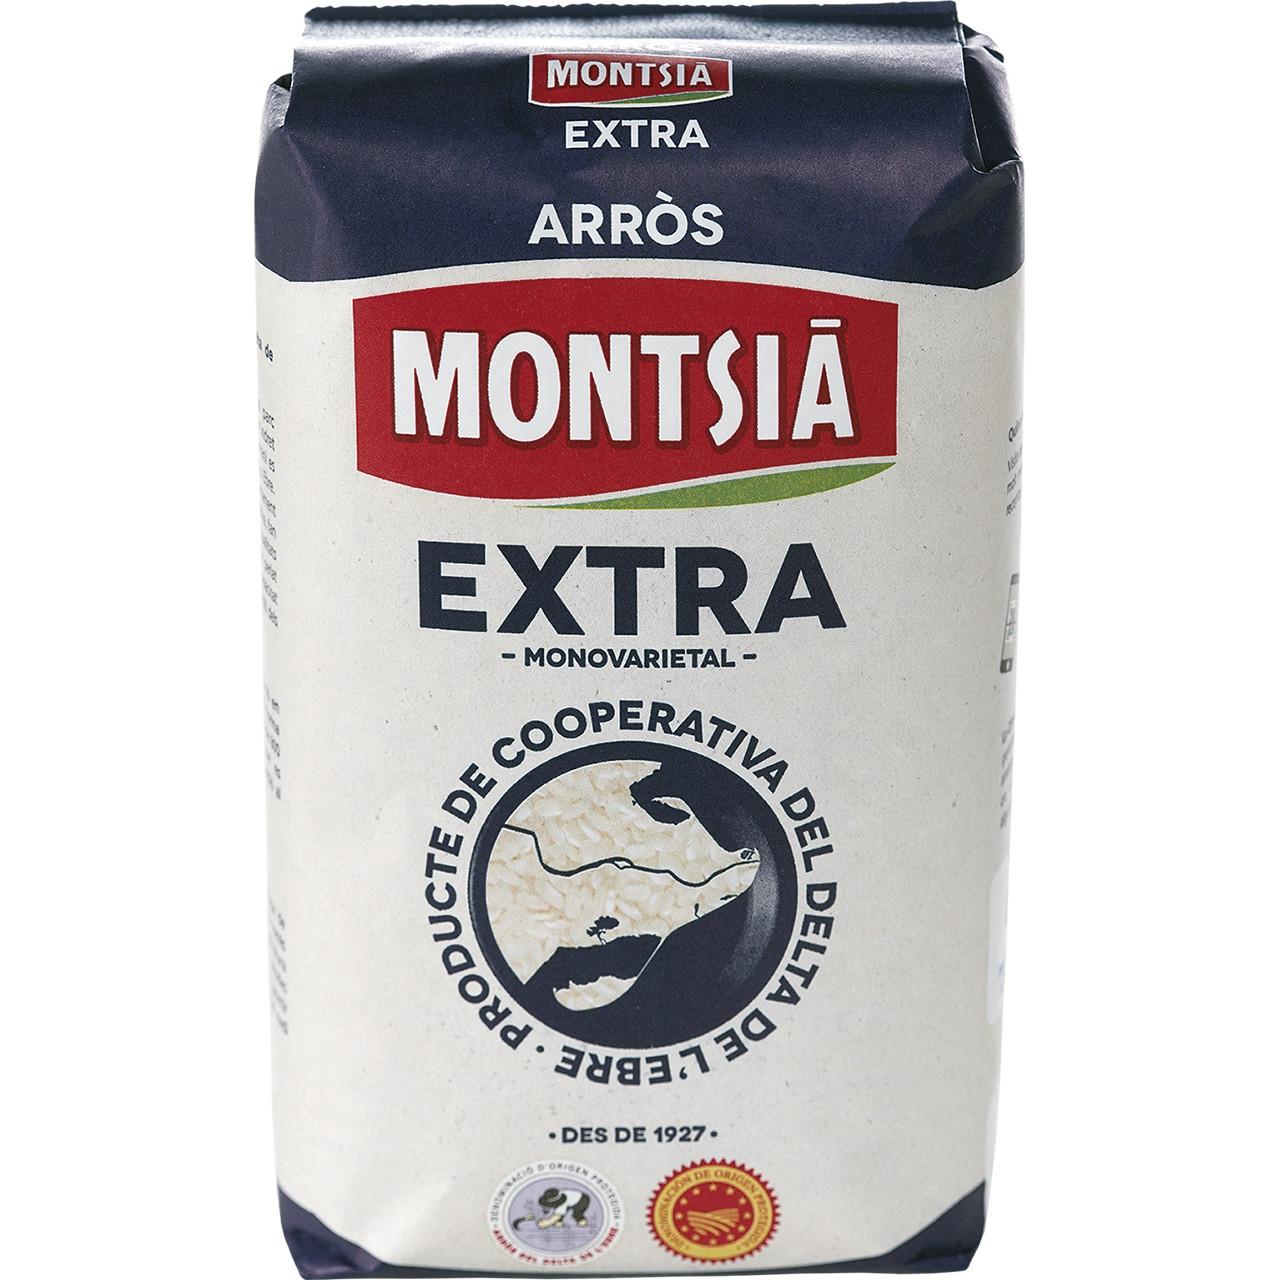 Arròs 1kg extra Montsià